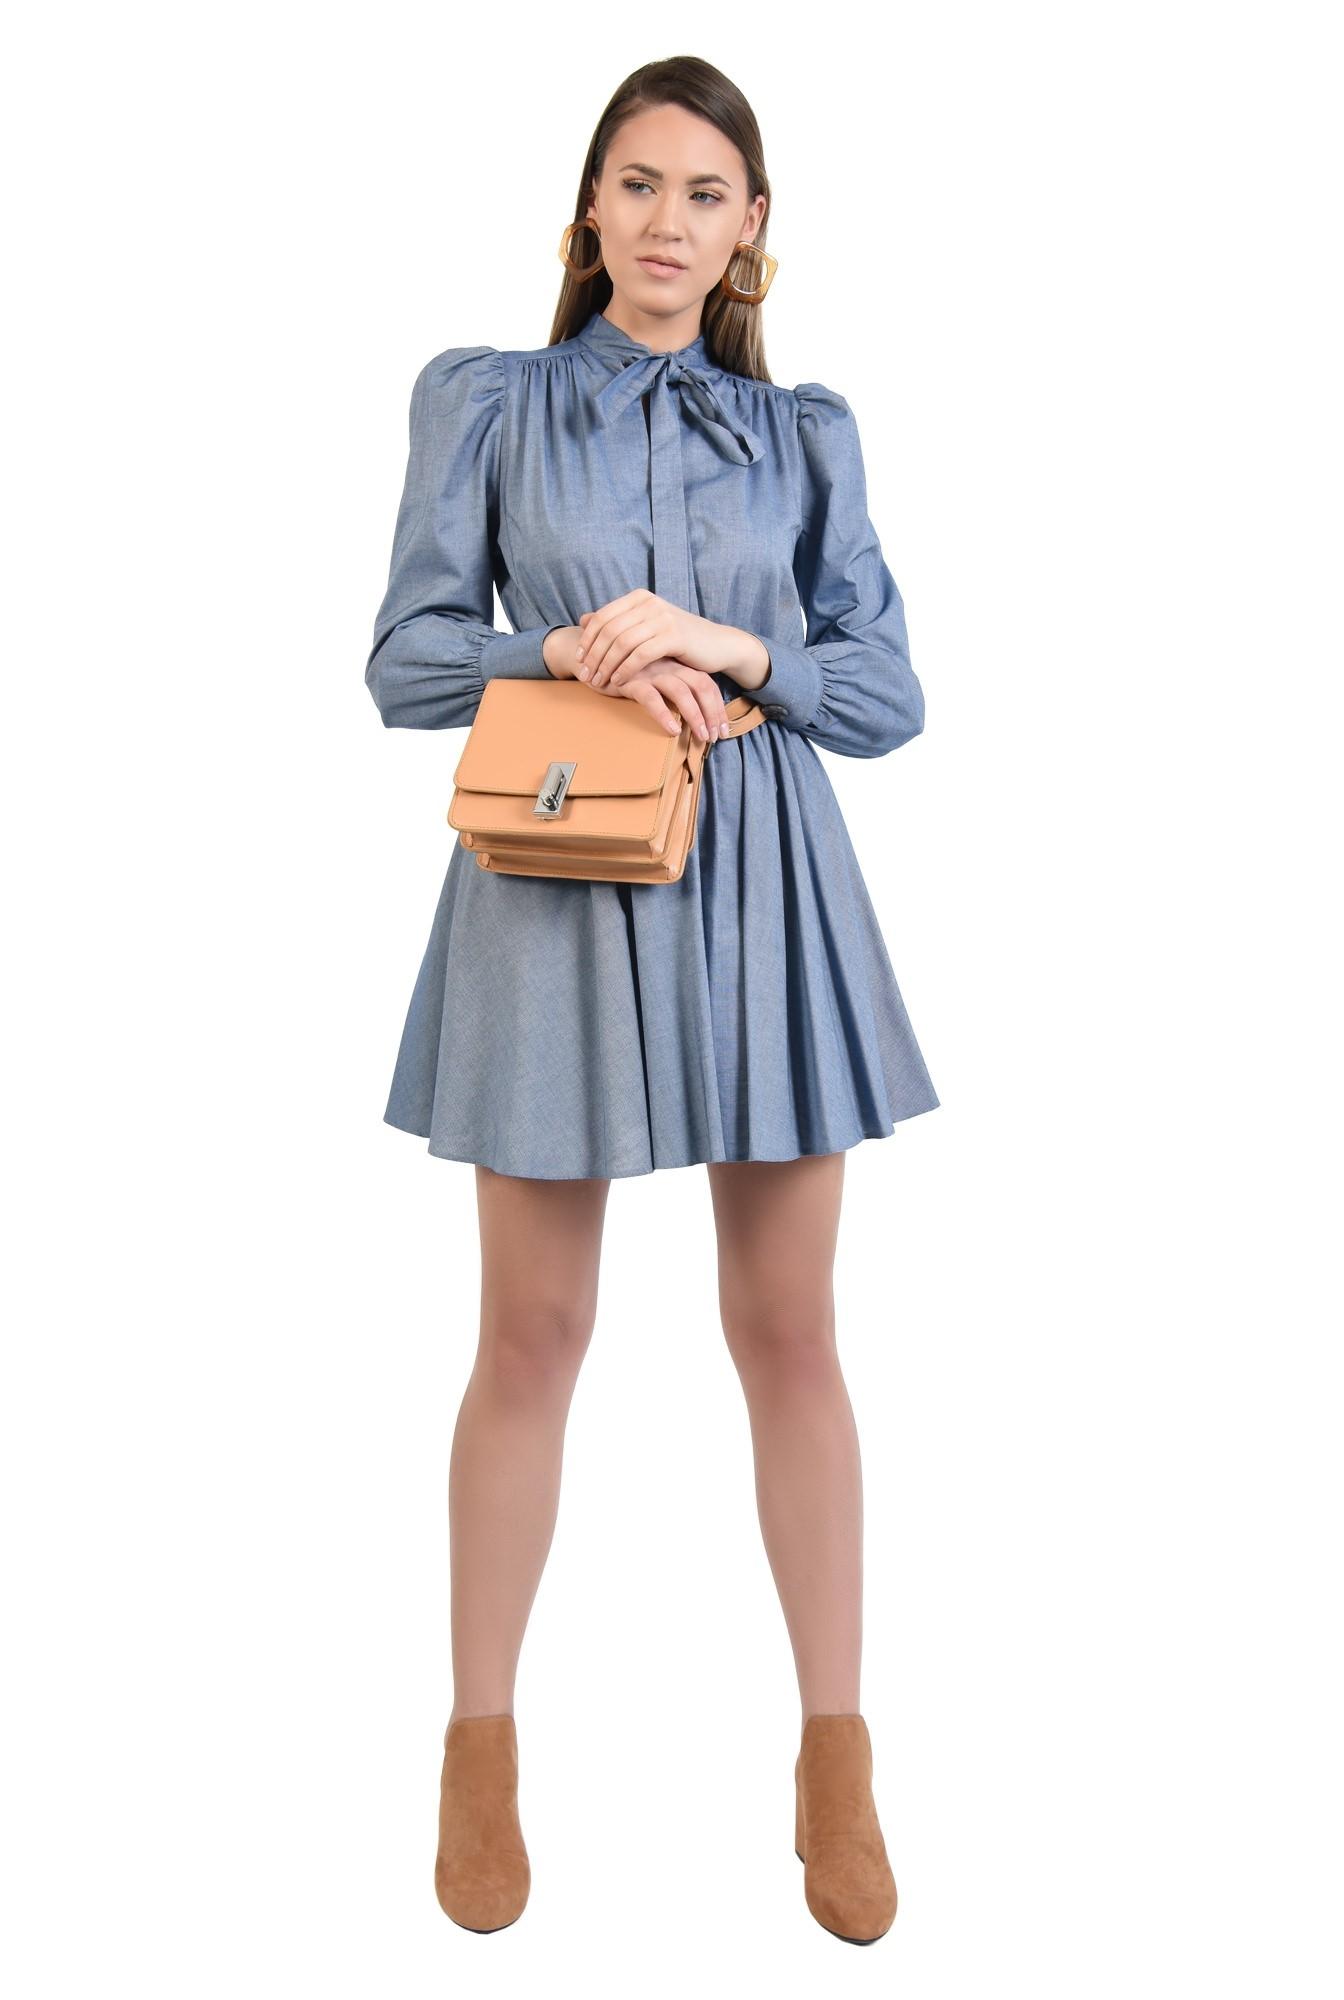 0 - rochie casual, bleu, scurta, evazata, funda cu la gat